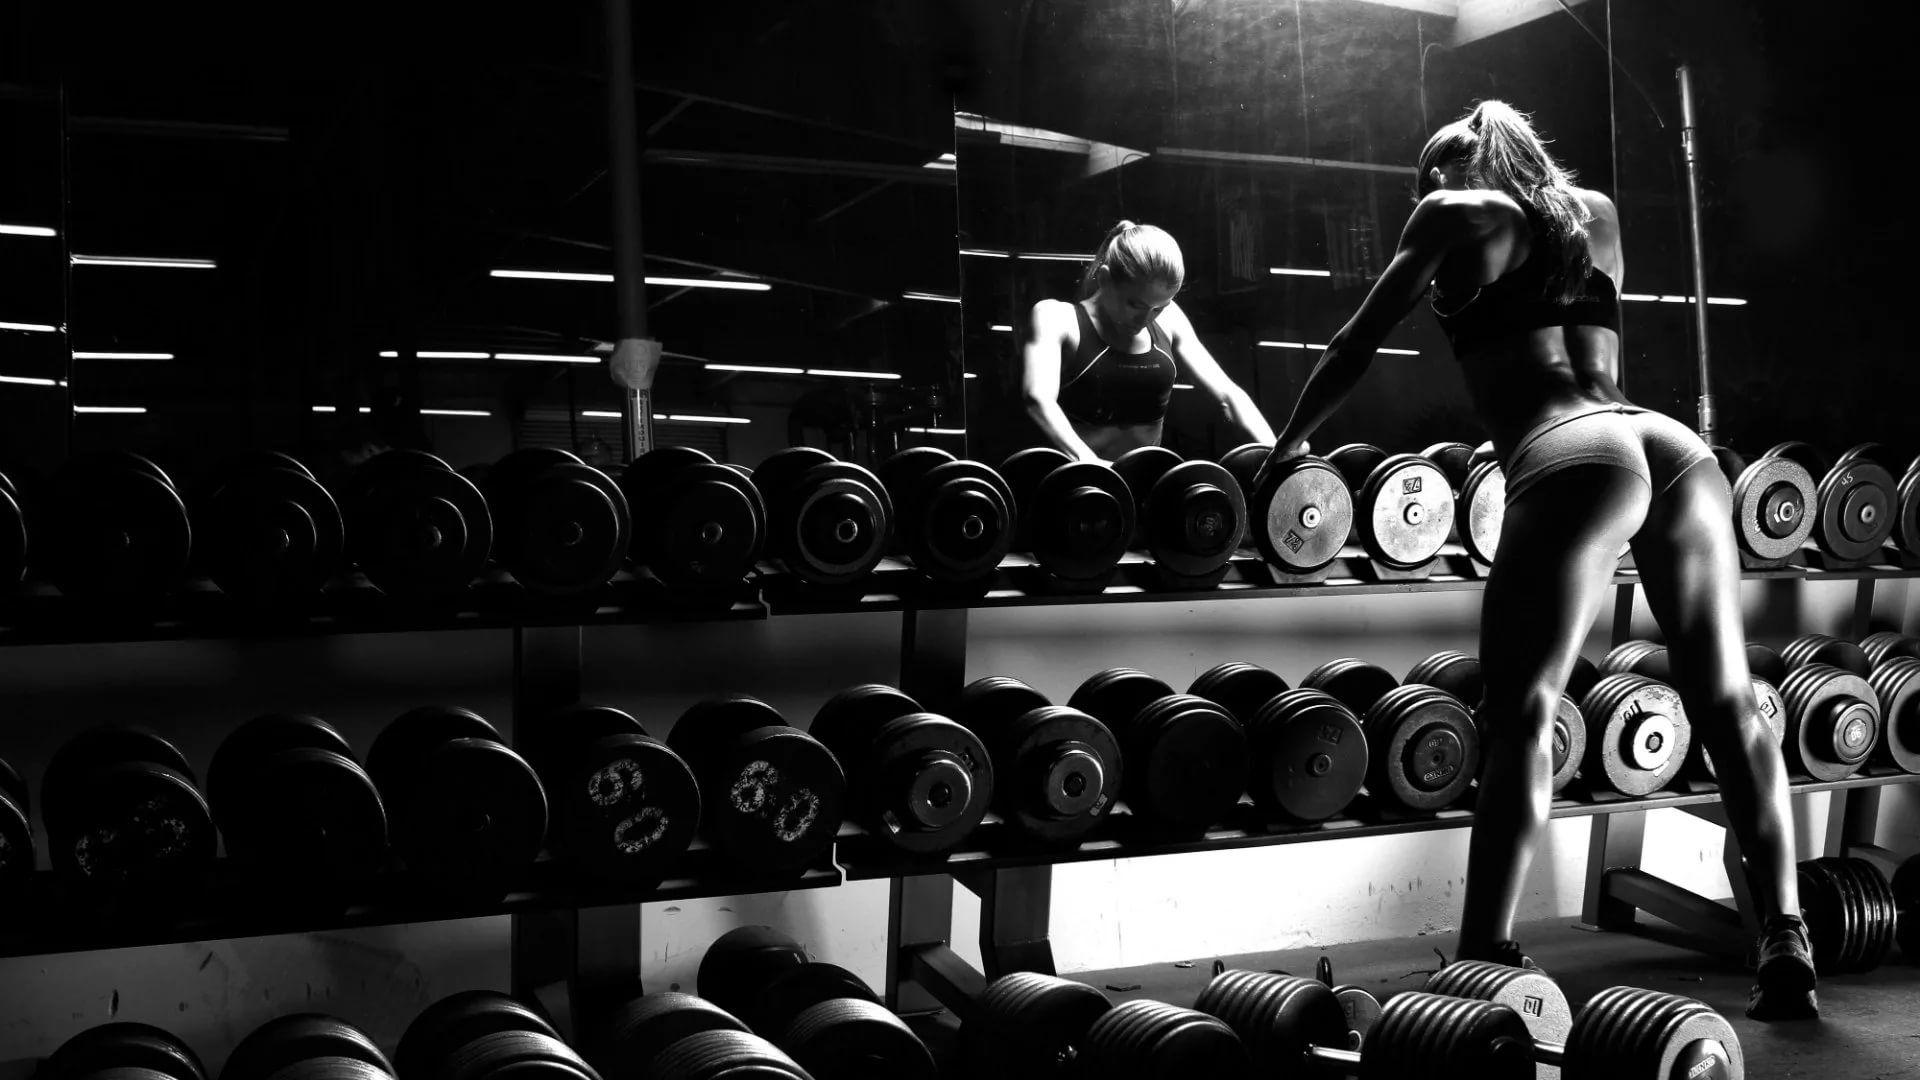 Workout Motivation desktop wallpaper